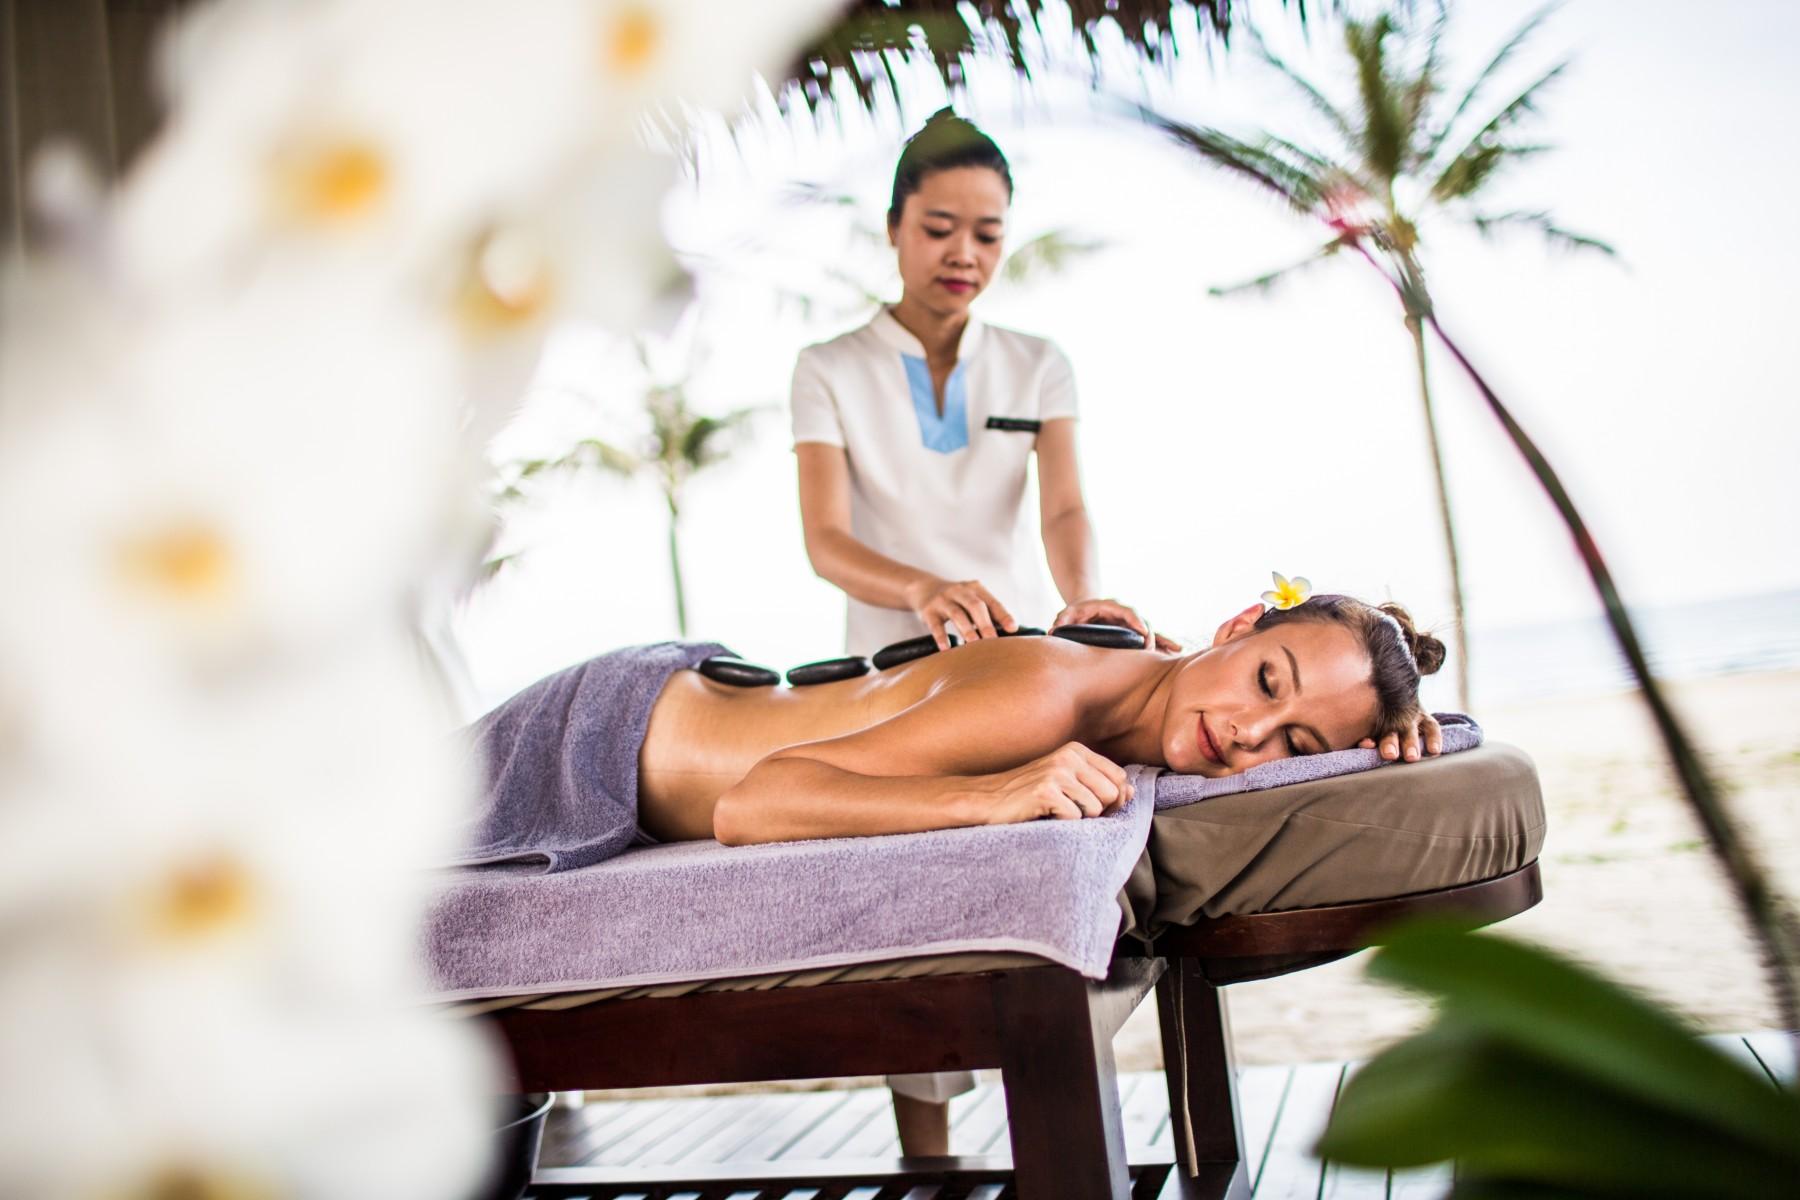 The Nắng Spa Thư Giãn Massage Đẳng cấp 5 sao